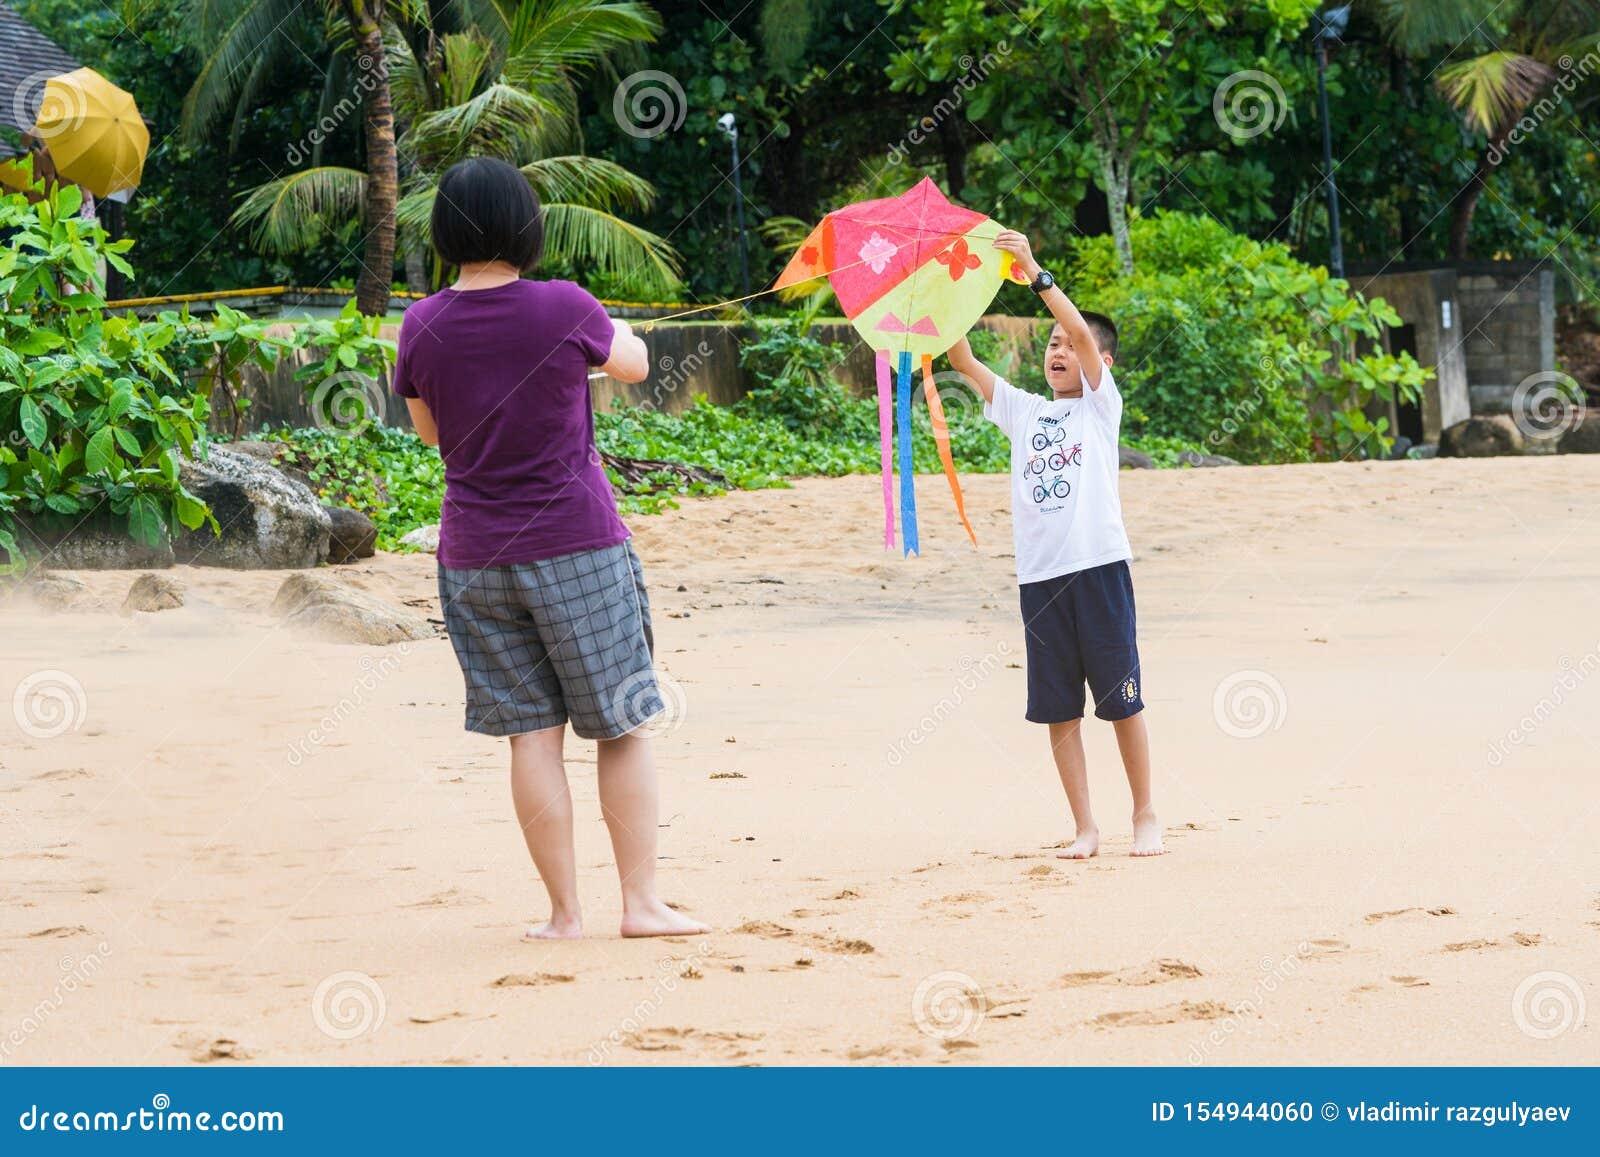 Khaoak, Tailandia, il 20 luglio 2019: Il ragazzo asiatico e la sua mamma stanno pilotando un aquilone sulla spiaggia